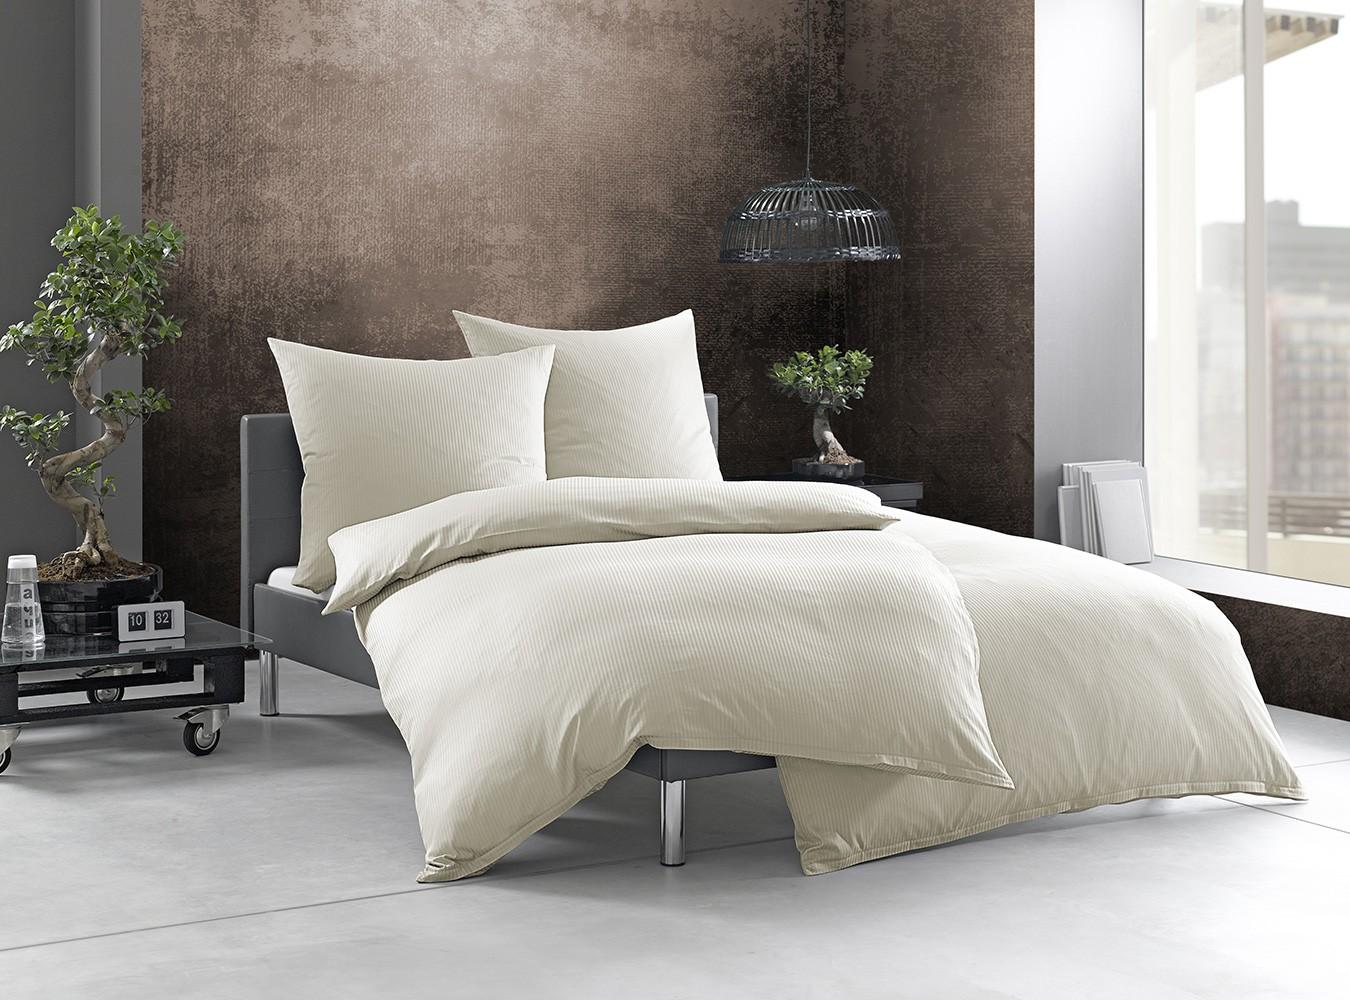 gestreifte bettw sche natur bettwaesche mit stil. Black Bedroom Furniture Sets. Home Design Ideas